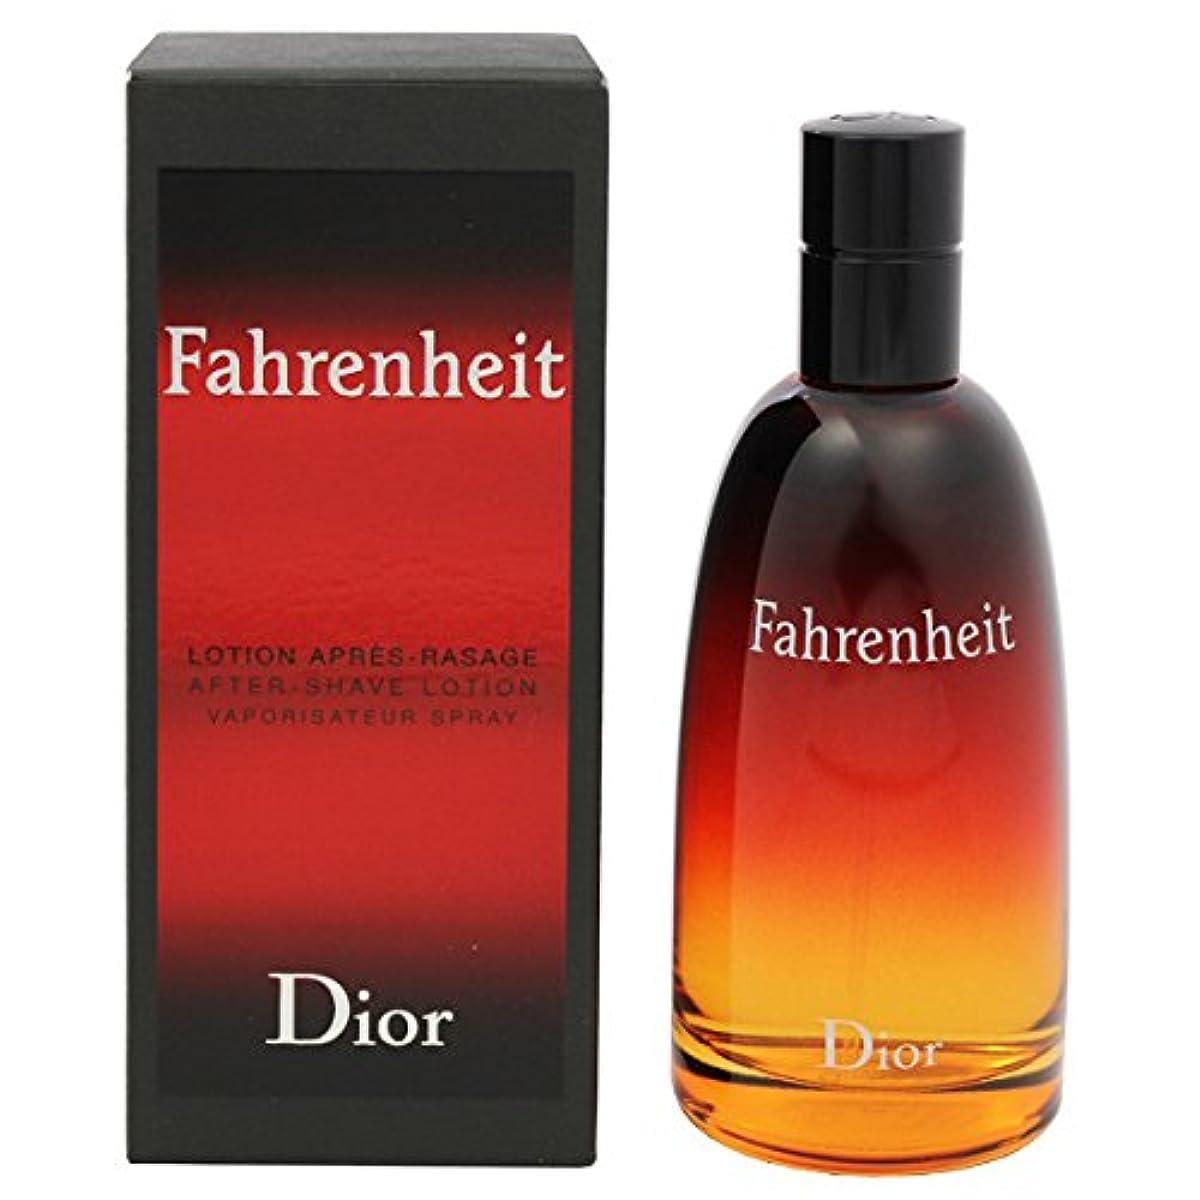 クリスチャン ディオール(Christian Dior) ファーレンハイト アフターシェーブ ローション 100ml[並行輸入品]